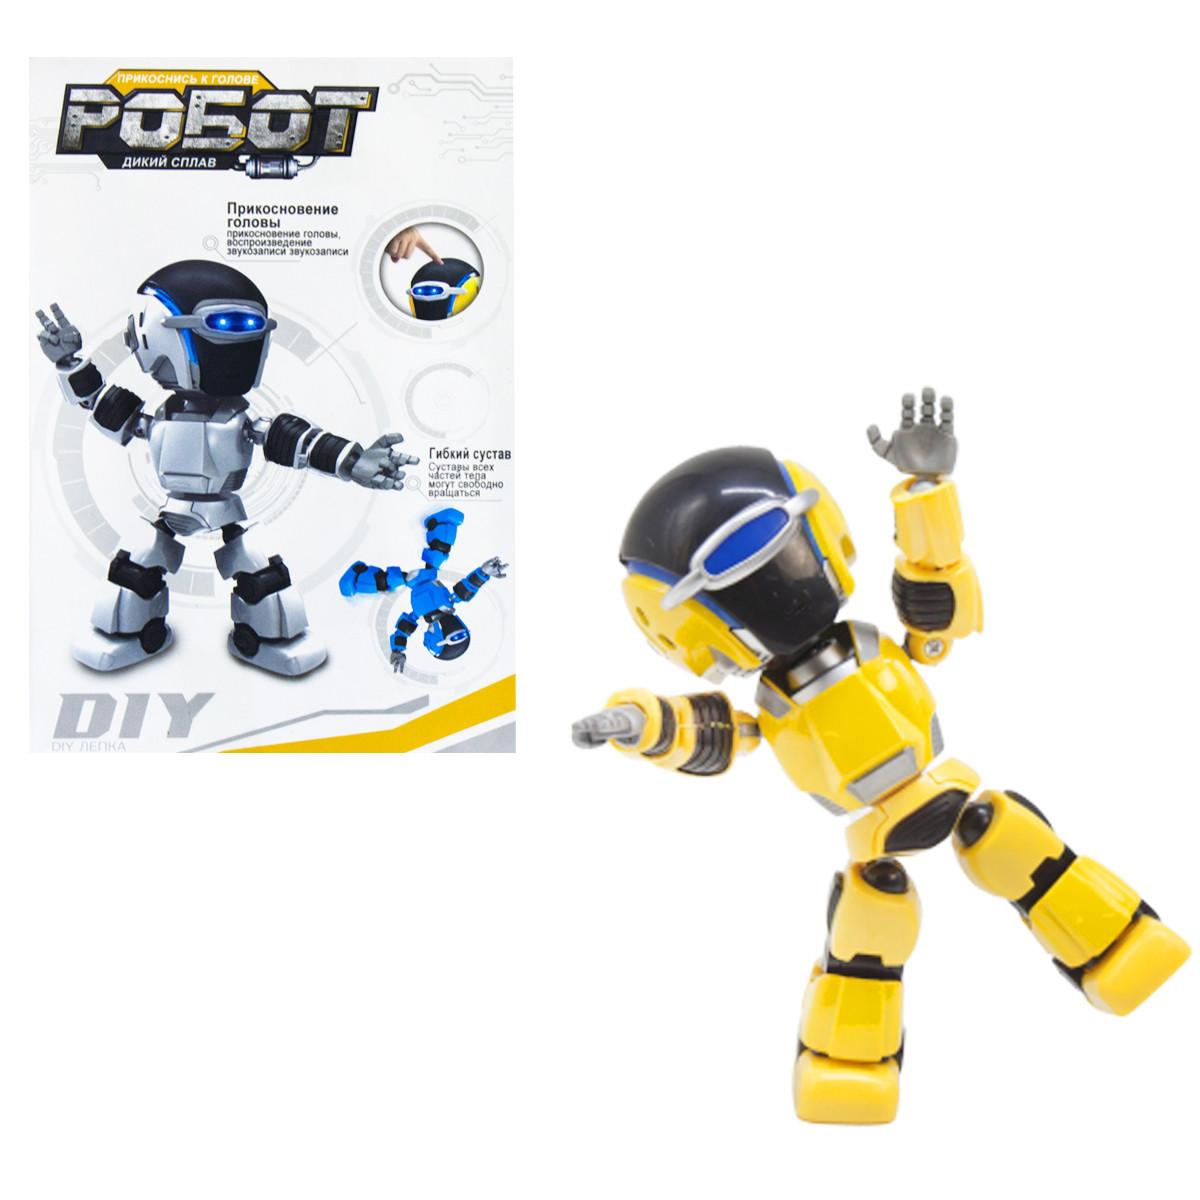 Робот-повторюха, интерактивный (желтый) DISON